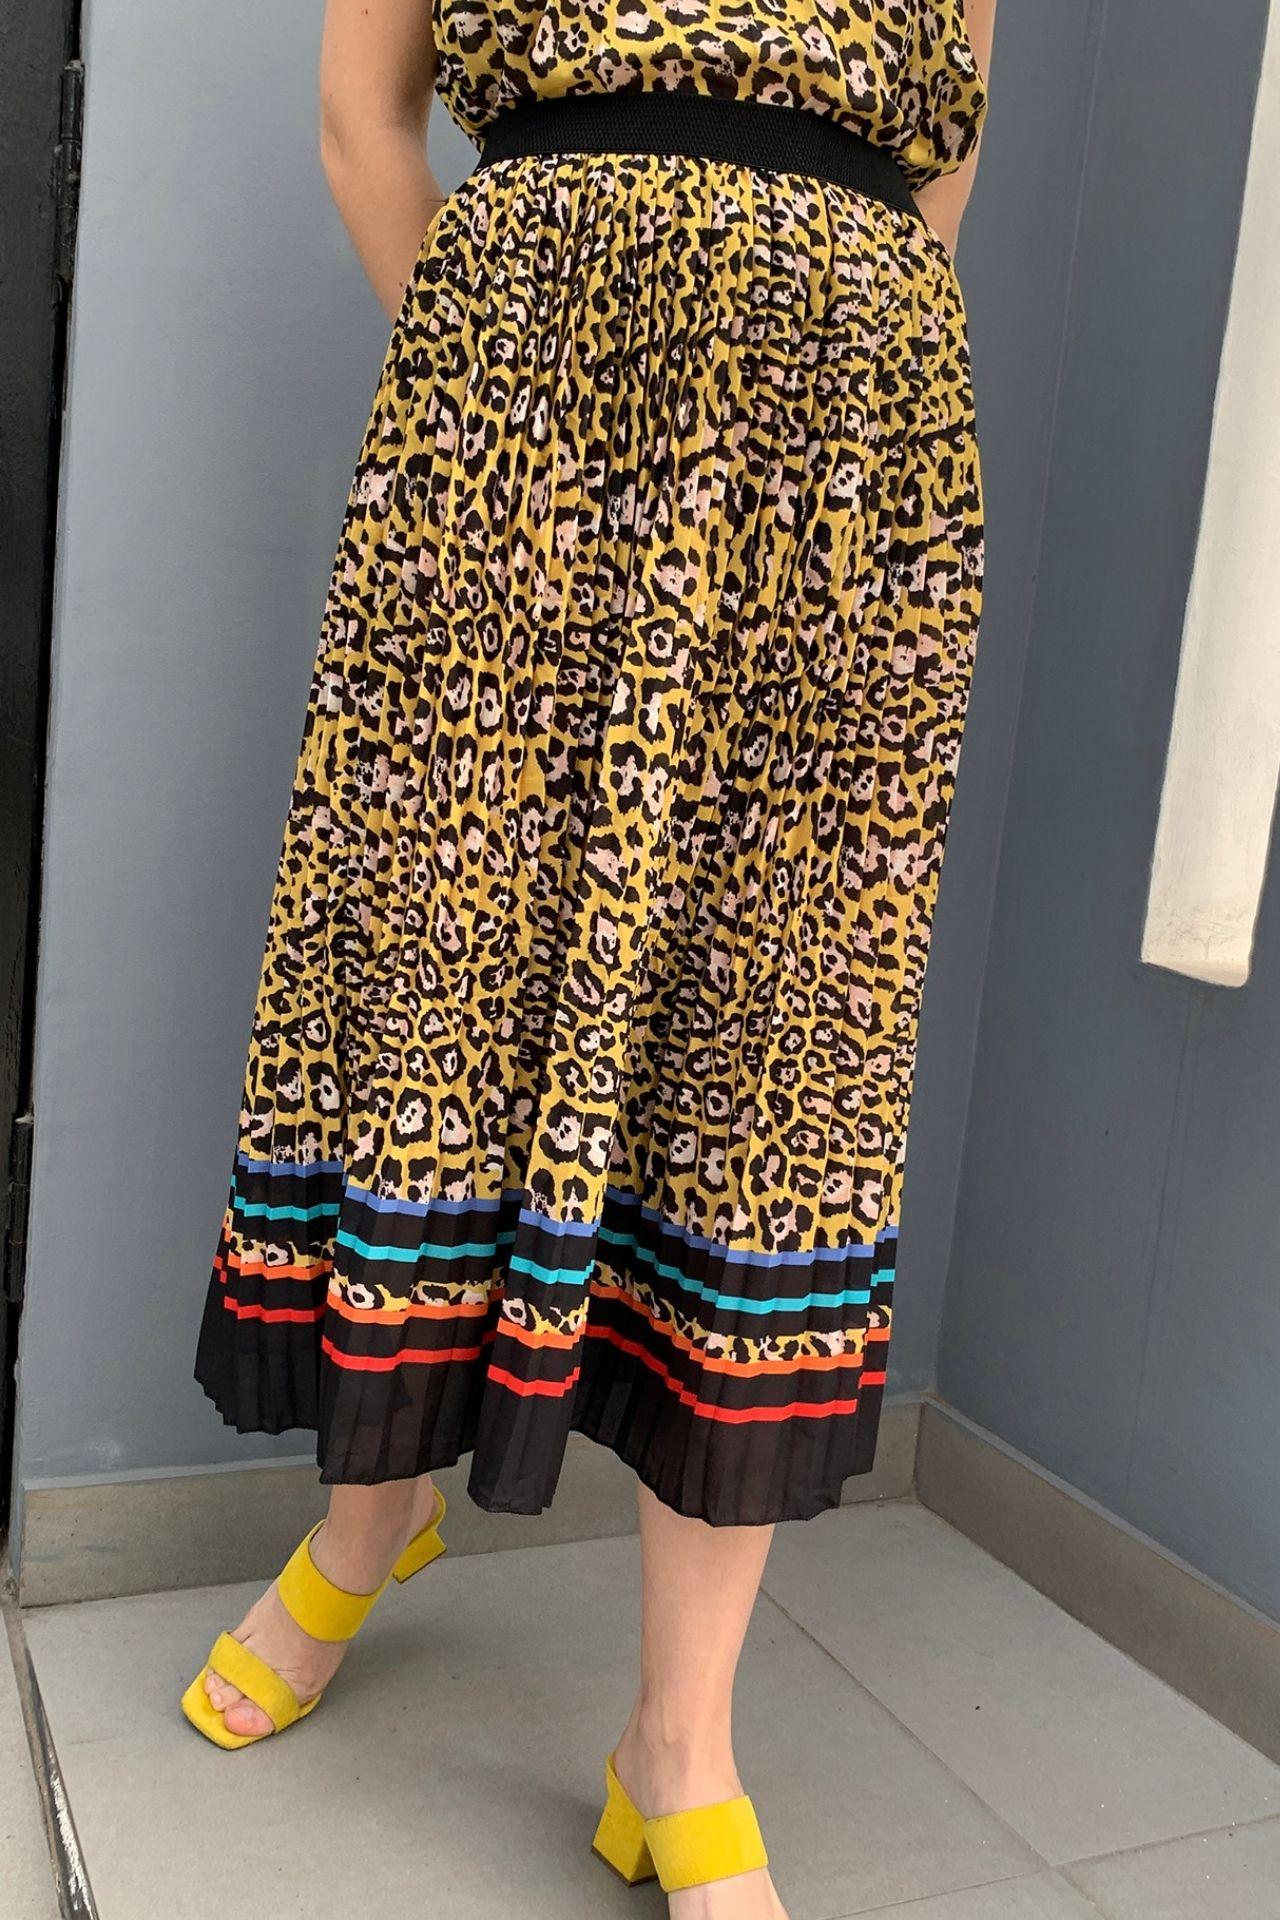 Falda plisada a la rodilla con estampado leopardo con pretina elástica.  Detalles Sin forro Sin cierre Talla standard Made in Italy Material & cuidado 100% Poliester Lavar en agua tibia a mano  Cintura: 34 cm  Largo: 78 cm